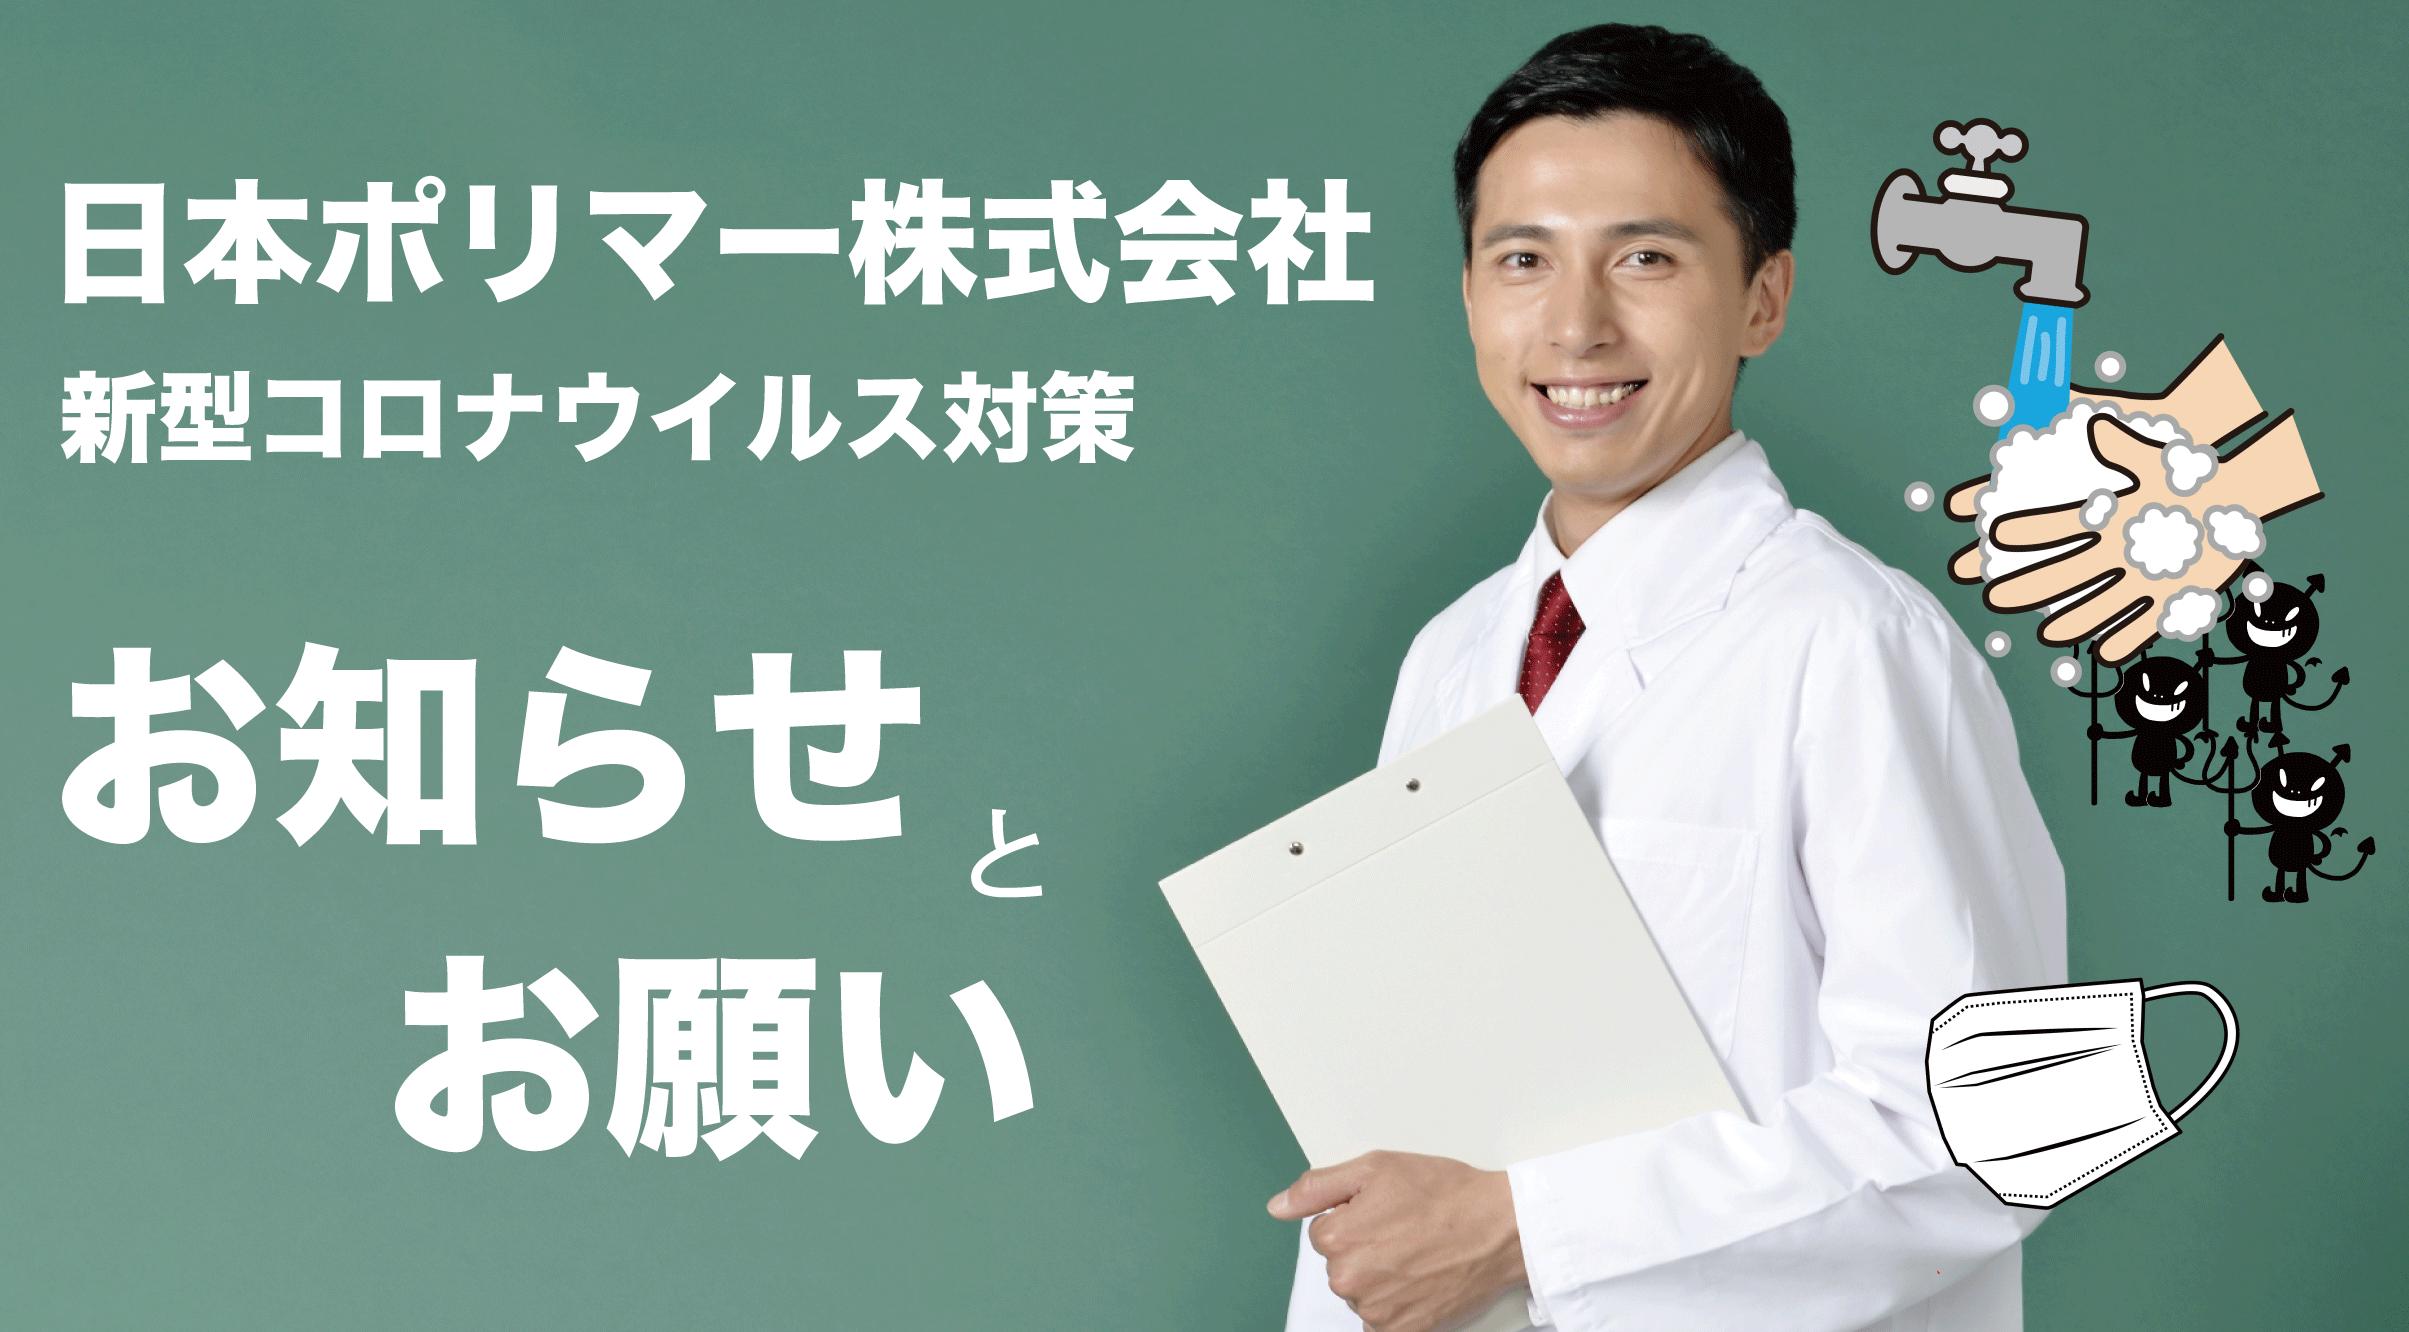 日本ポリマー株式会社での新型コロナウイルス対策について